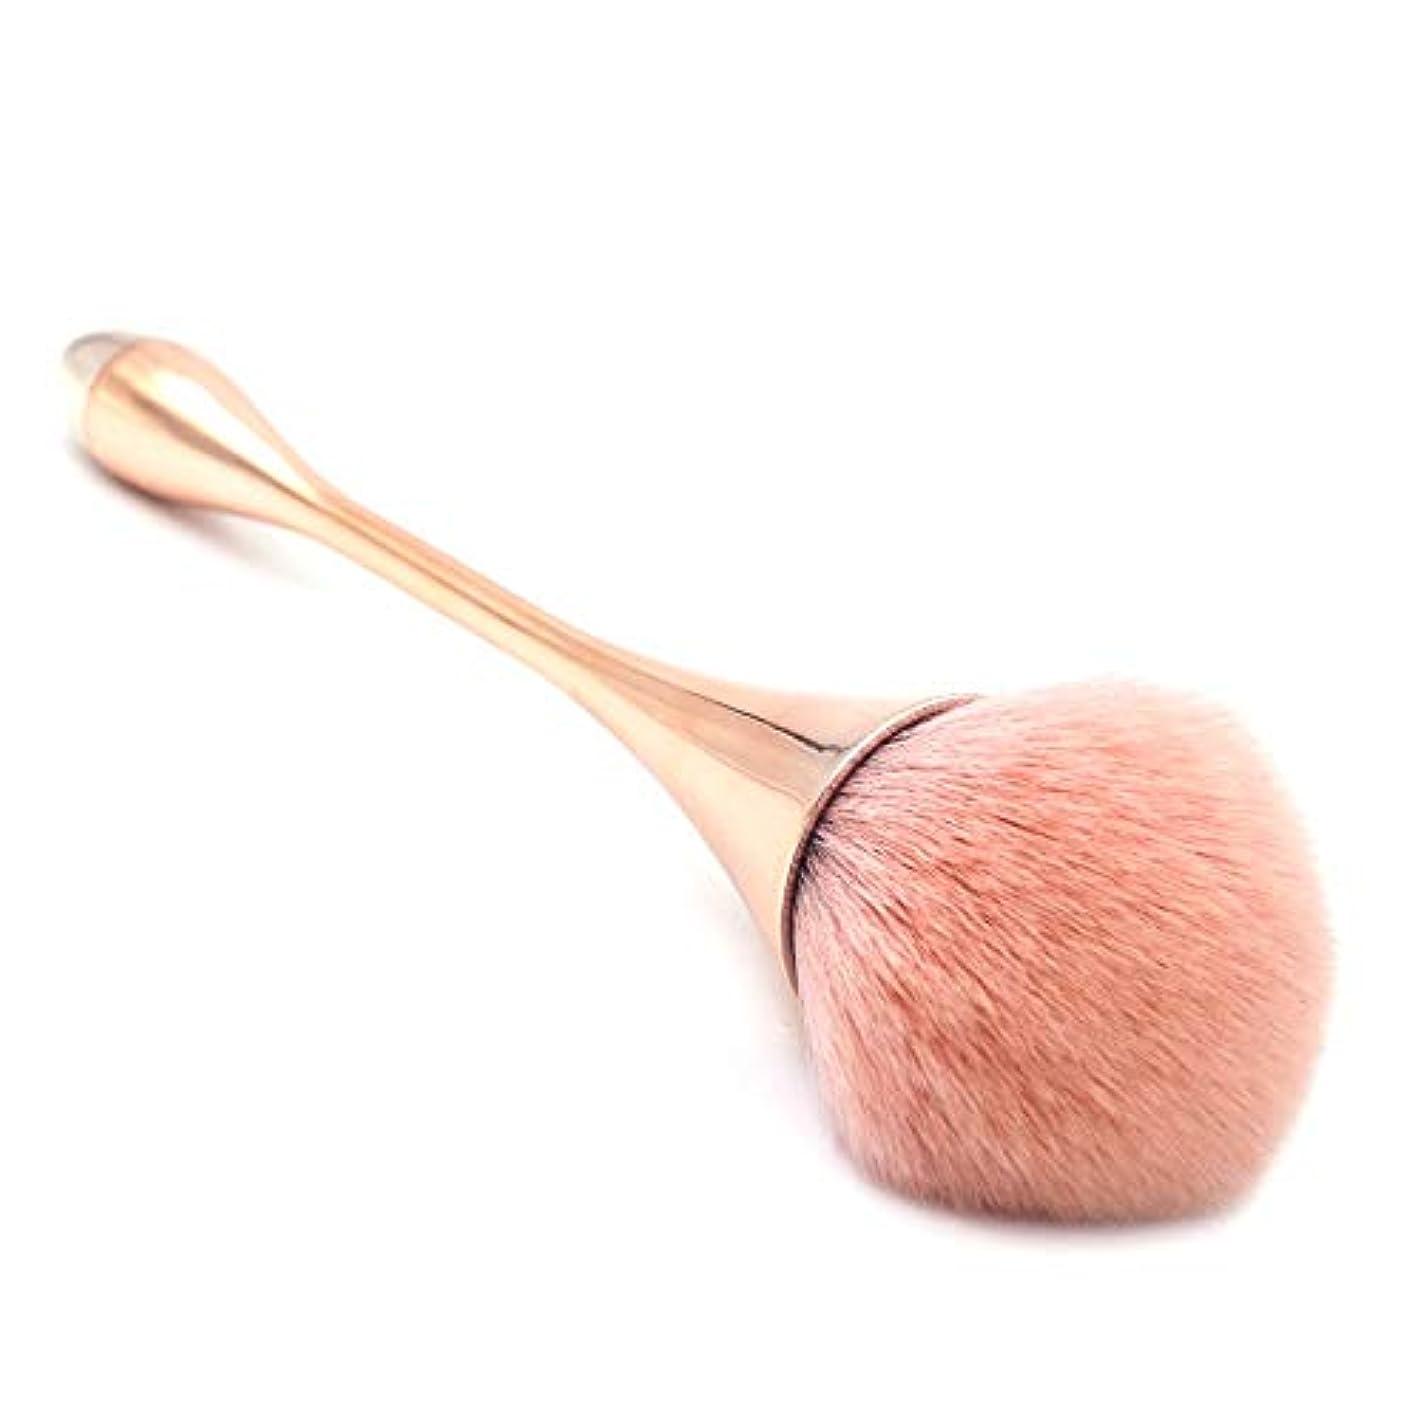 ピカリングニッケル咲くMakeup brushes 宣言的な適用範囲のための化粧筆ミネラルパウダーファンデーションブレンディングビュッフェ、シングルスレンダーウエストビッグパウダーブラシ suits (Color : Rose gold)